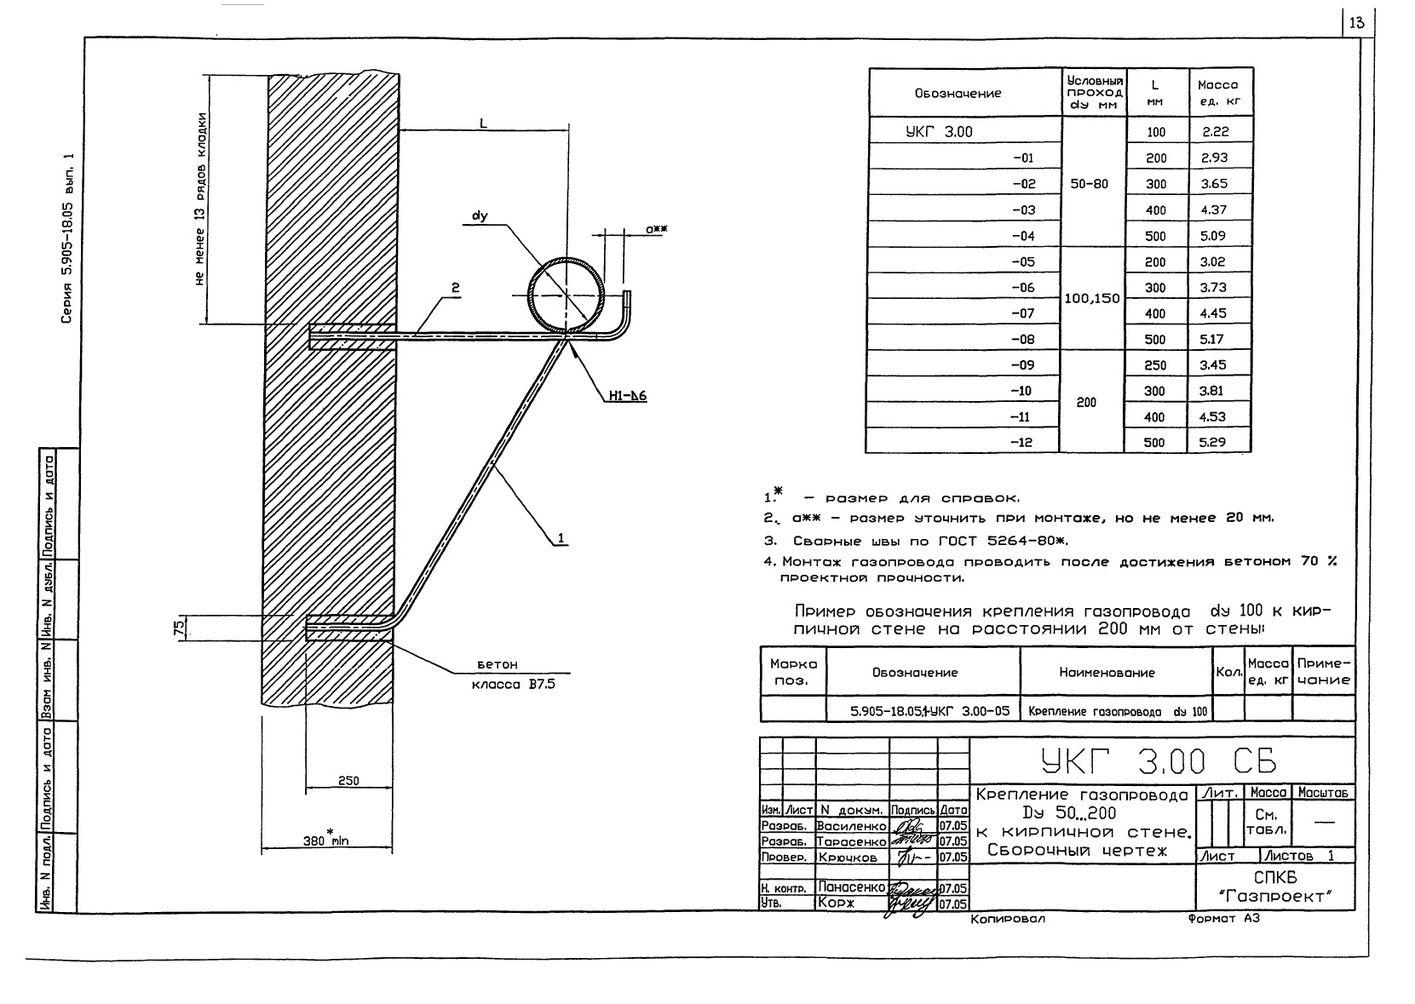 Крепление газопровода Ду 50...200 мм к кирпичной стене УКГ 3.00 СБ серия 5.905-18.05 выпуск 1 стр.1